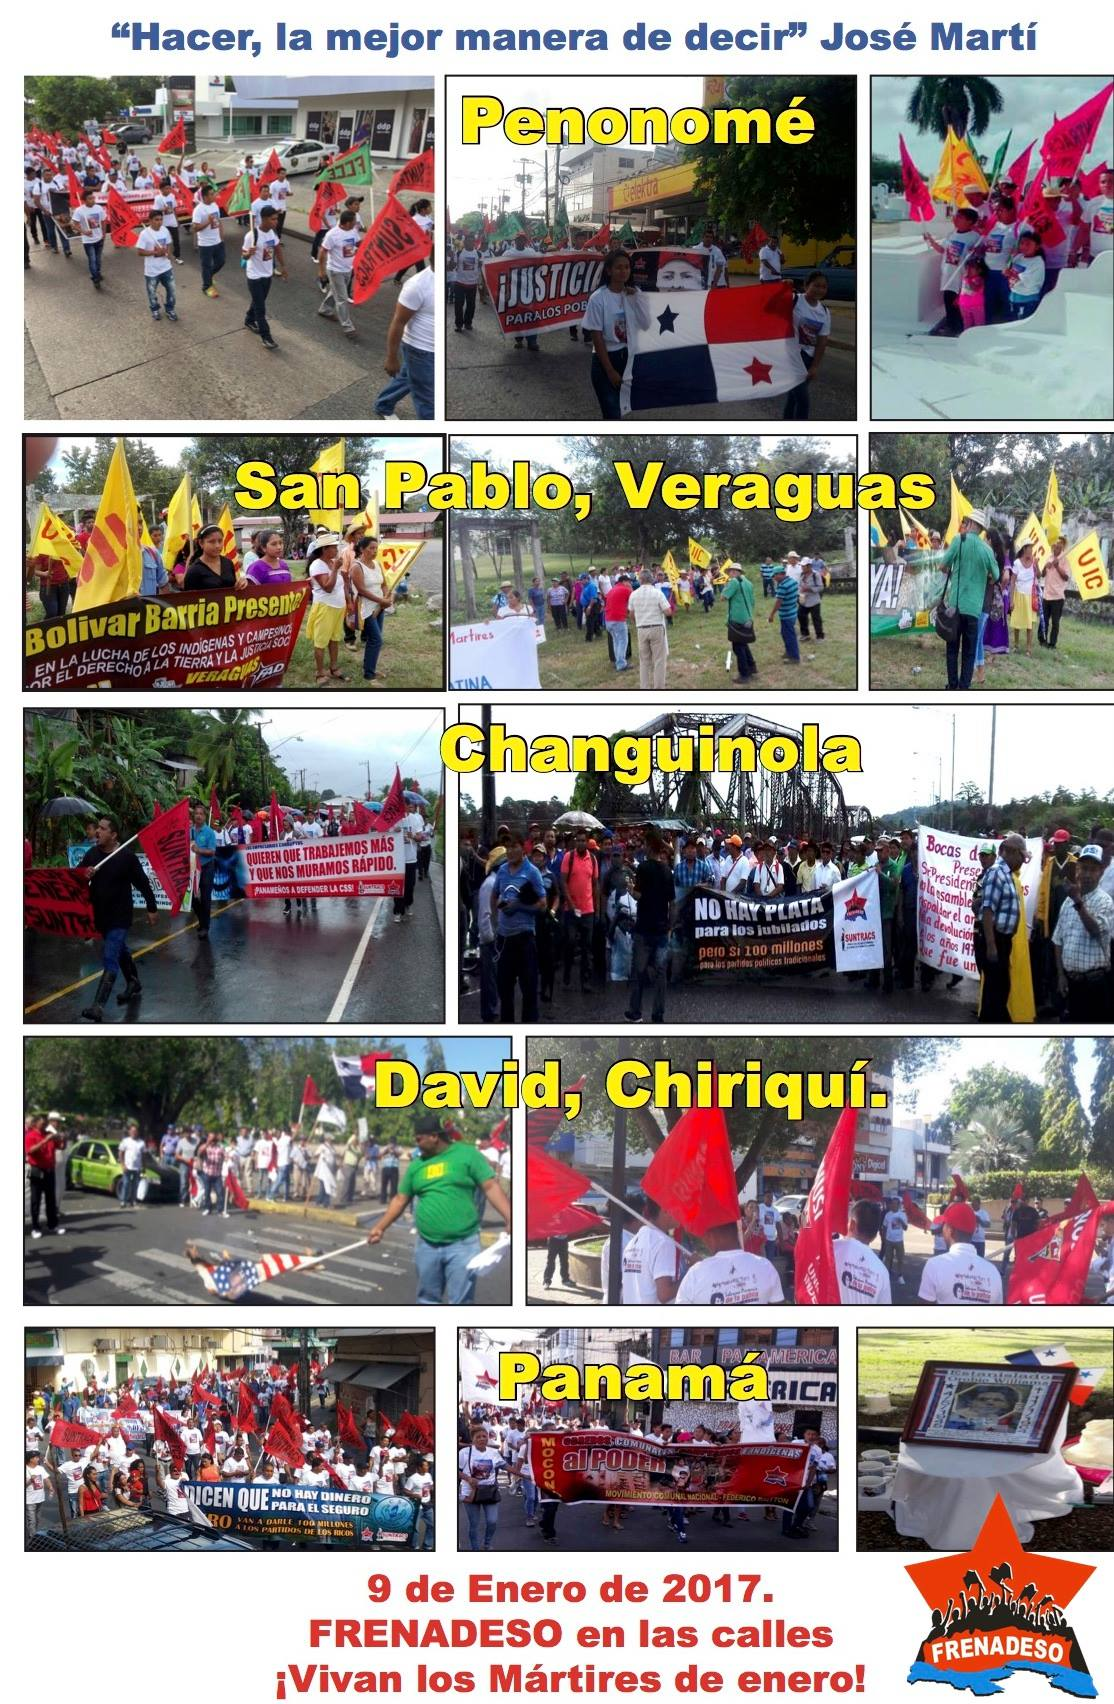 http://www.frenadesonoticias.org/includes/FCKeditor/upload/Image/ENERO%202017/15937111_1831472443732161_2467678984930035512_o.jpg